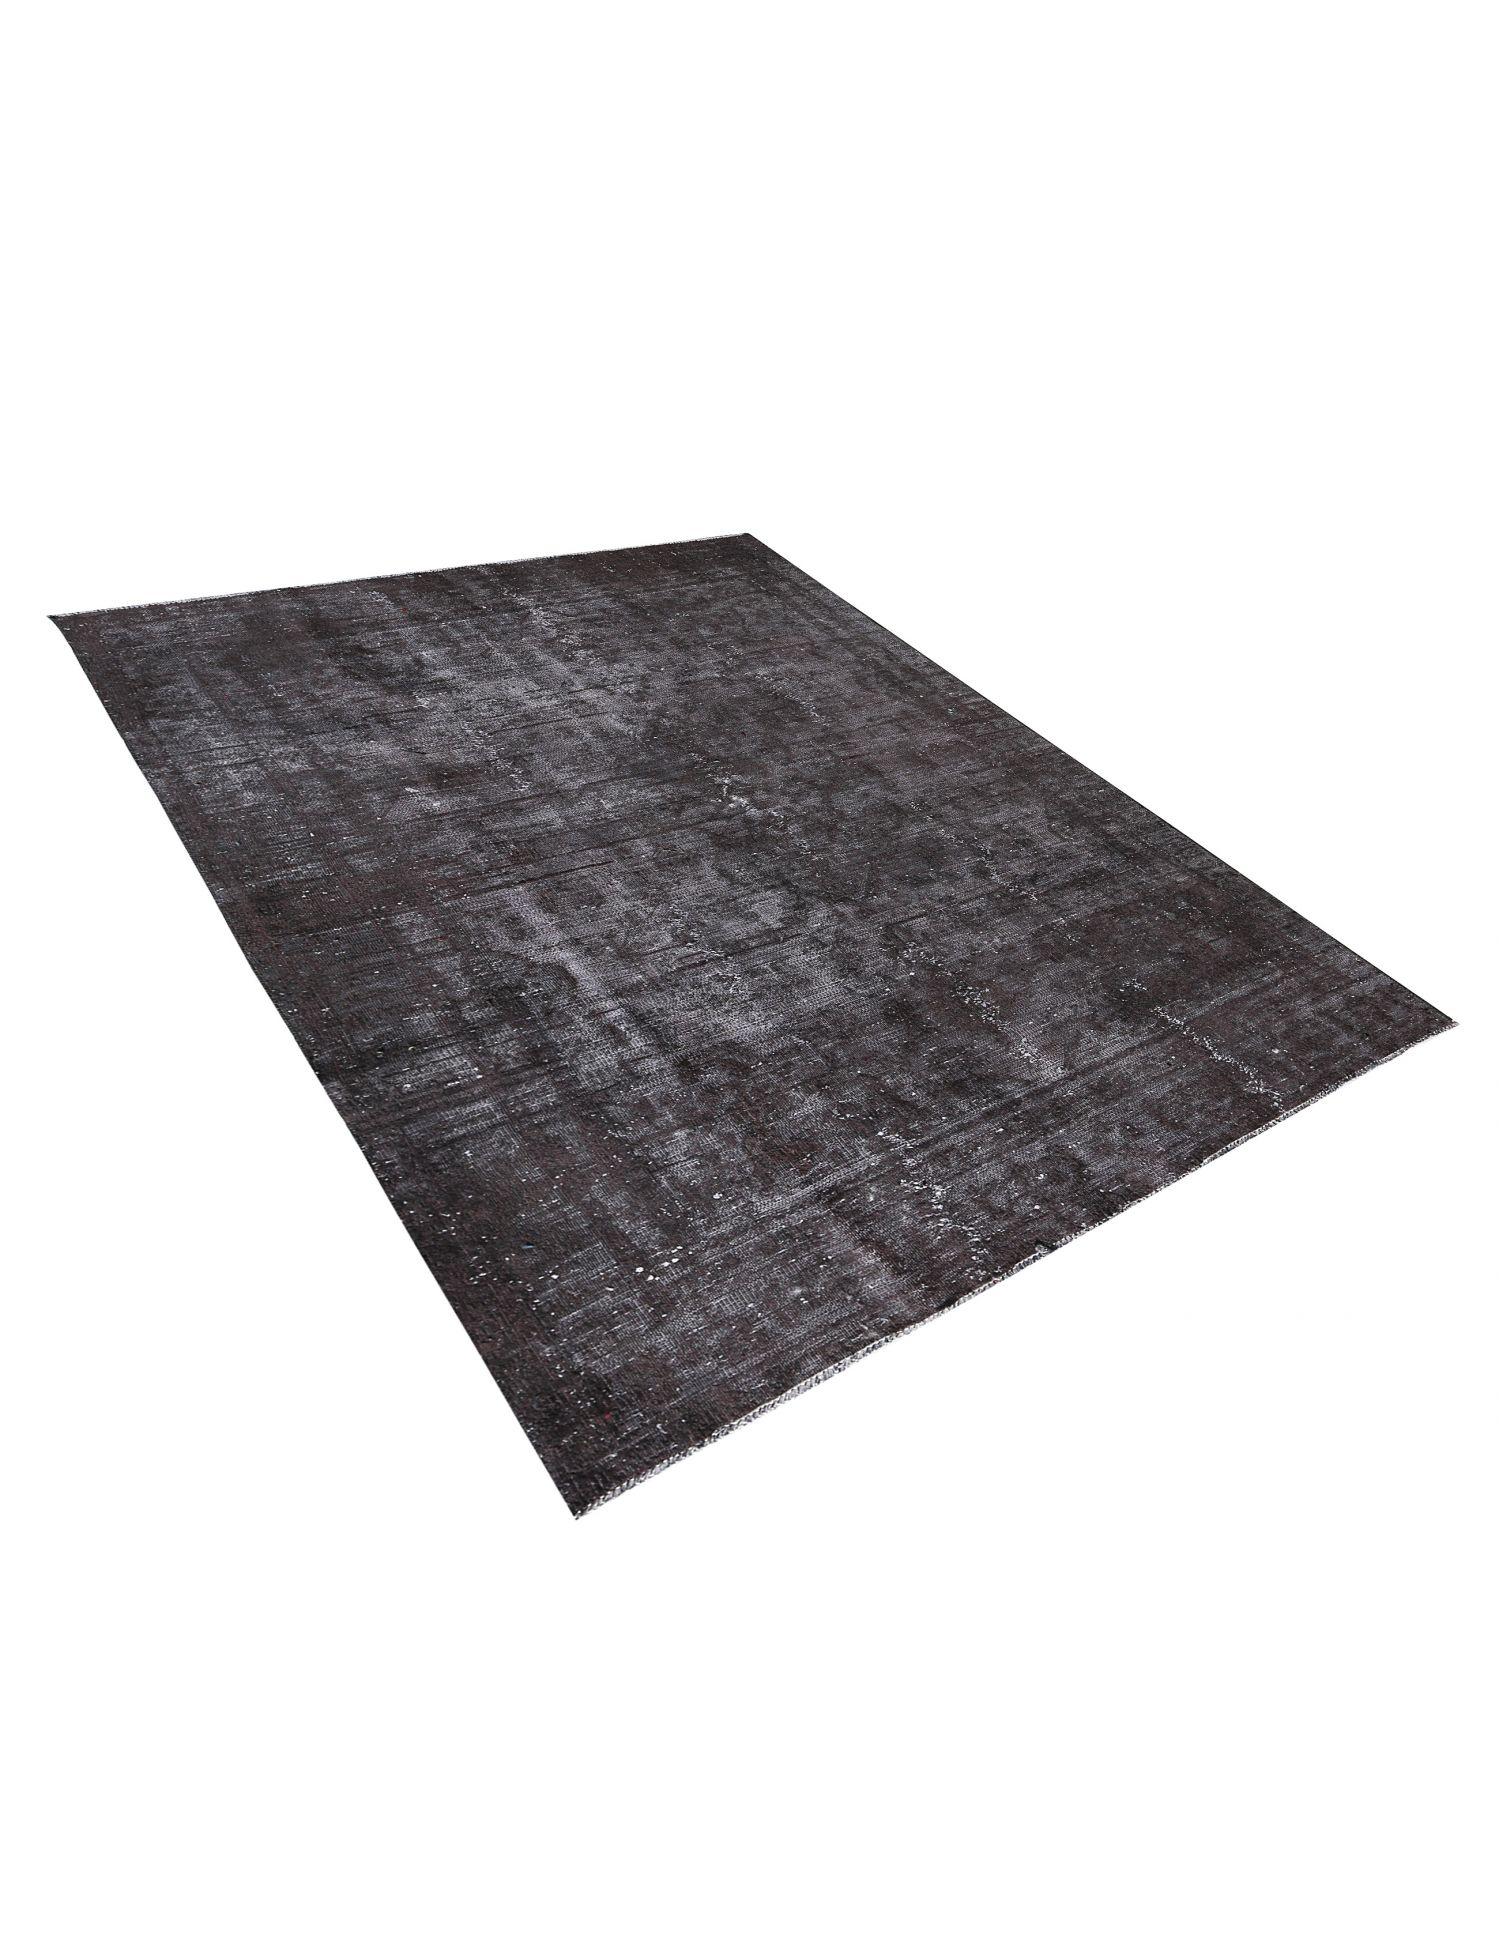 Vintage Teppich  schwarz <br/>270 x 180 cm